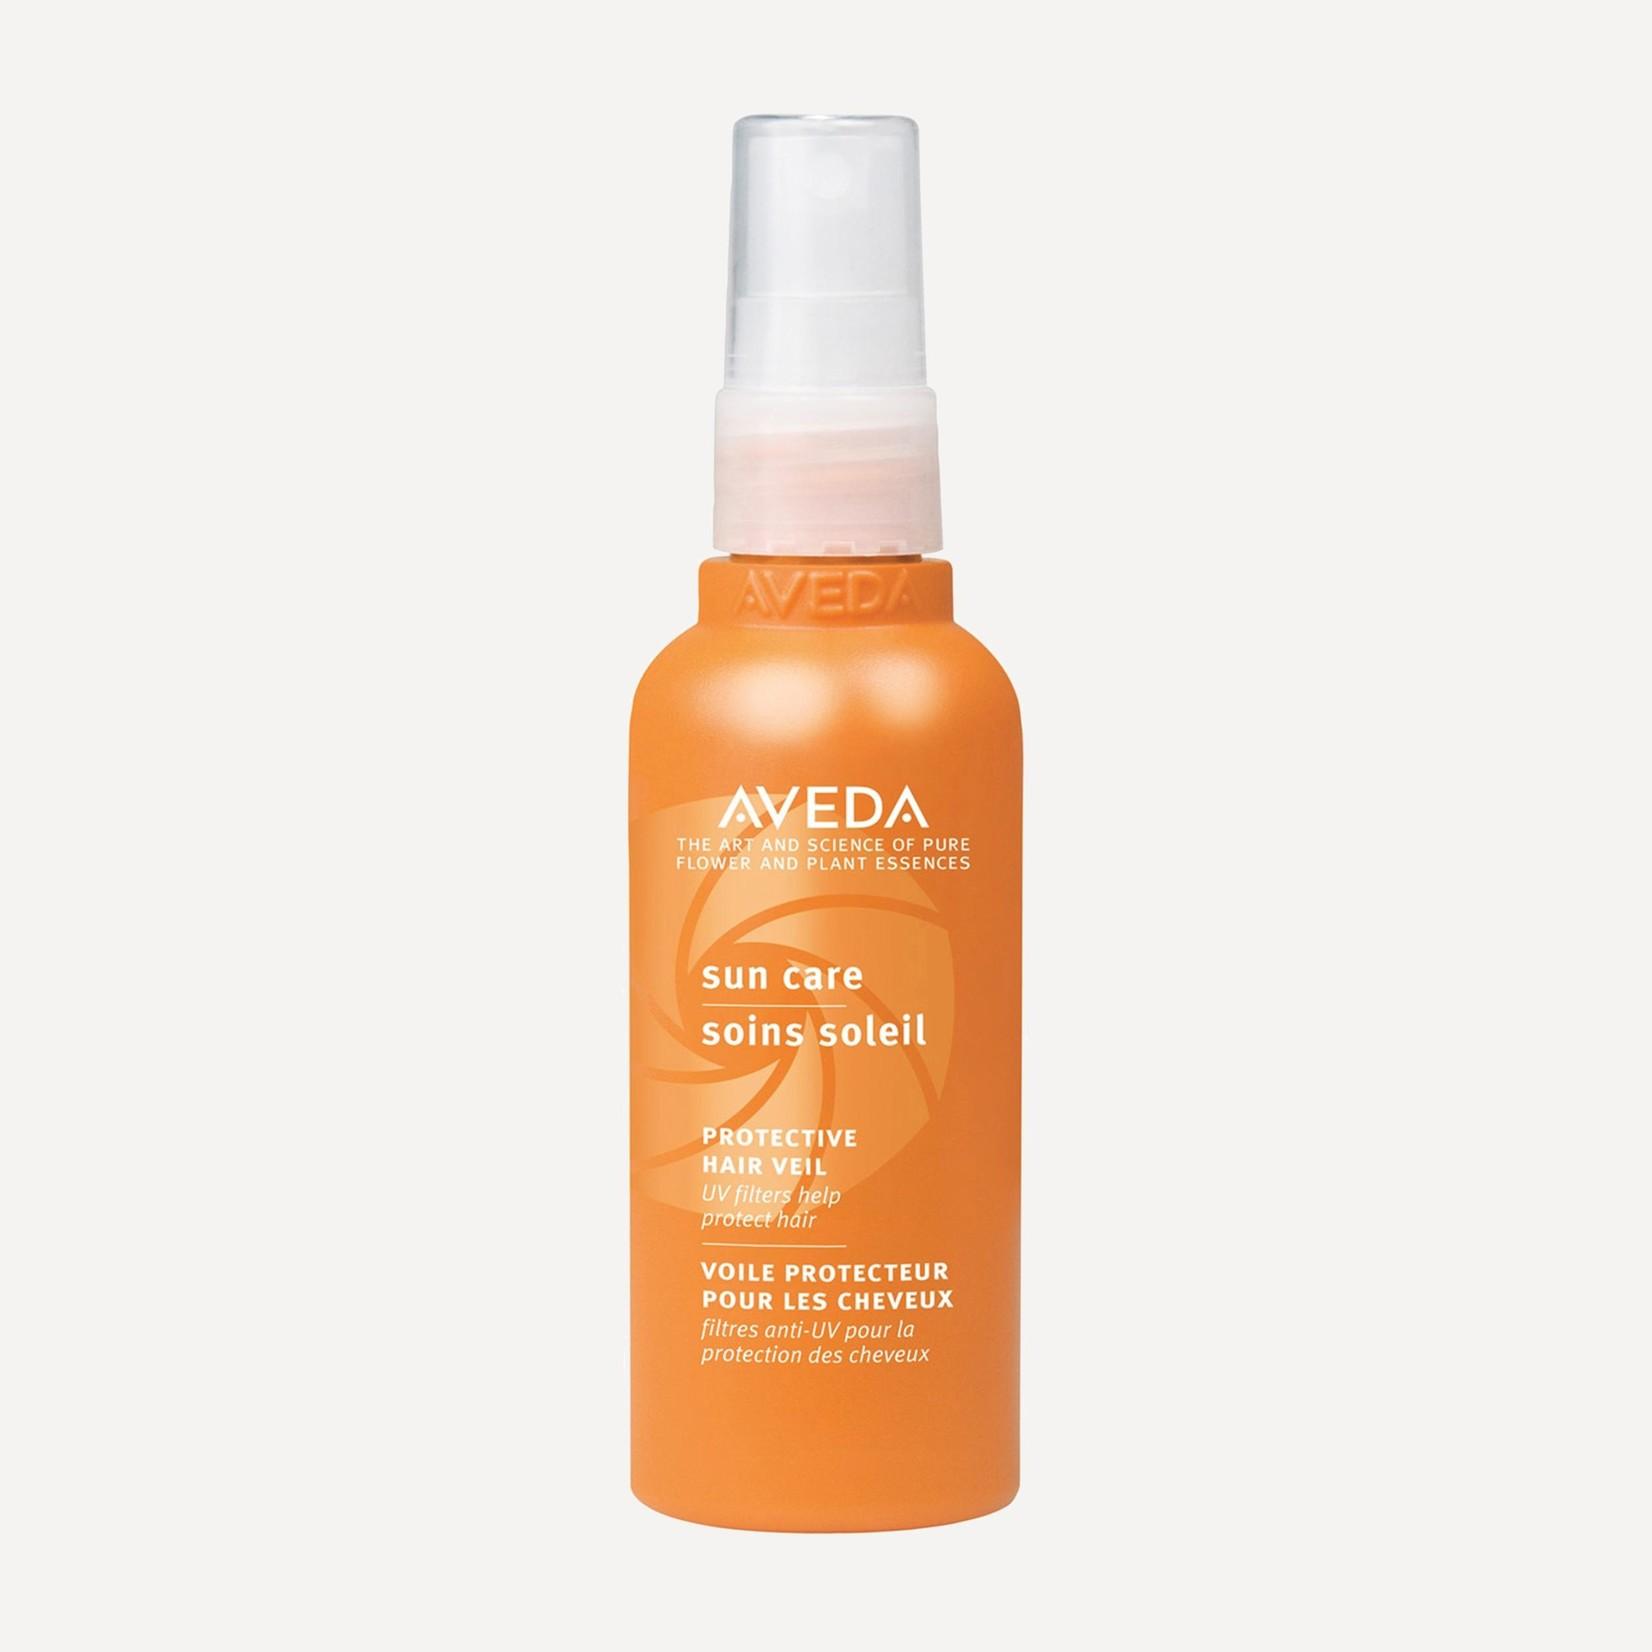 AVEDA Sun Care Protecting Hair Veil